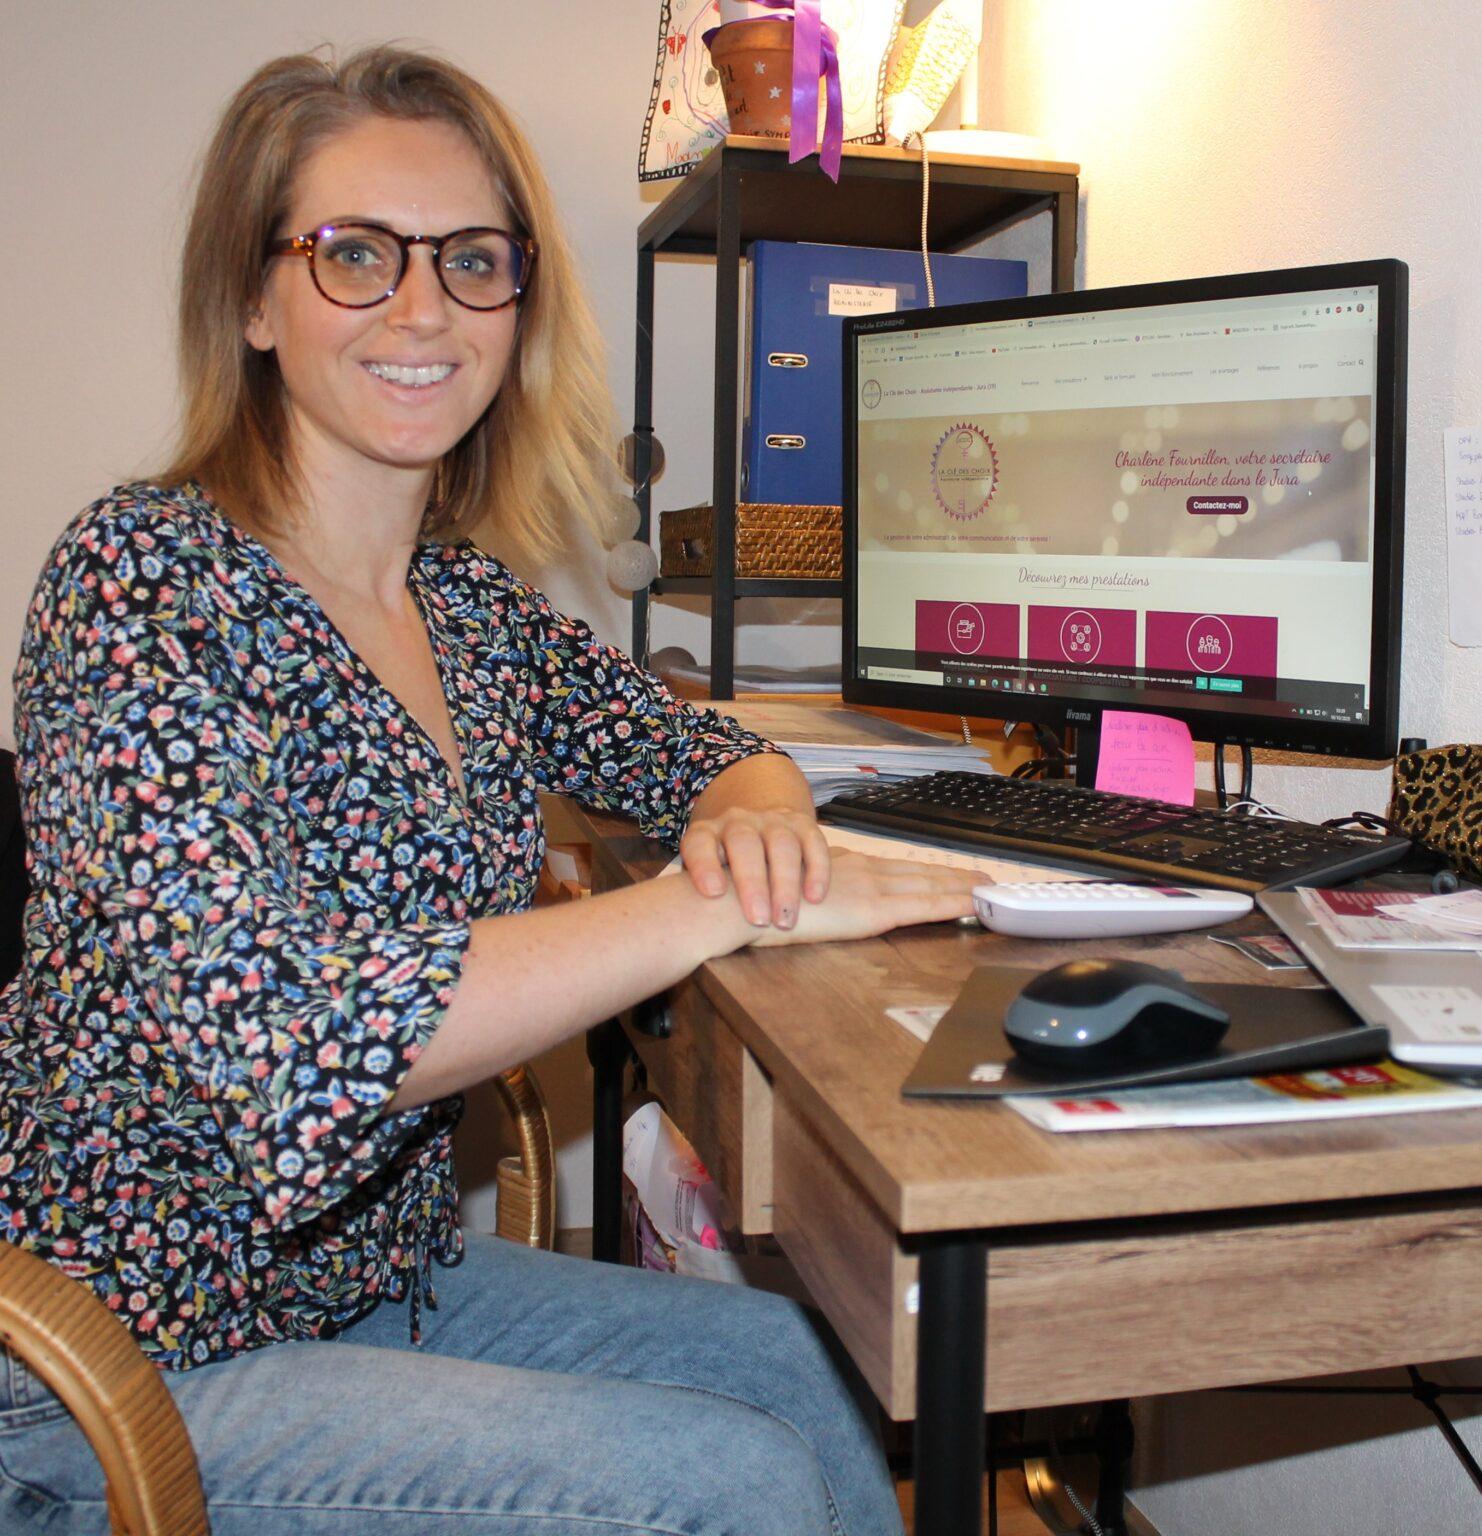 Charlène assistante indépendante dans son bureau